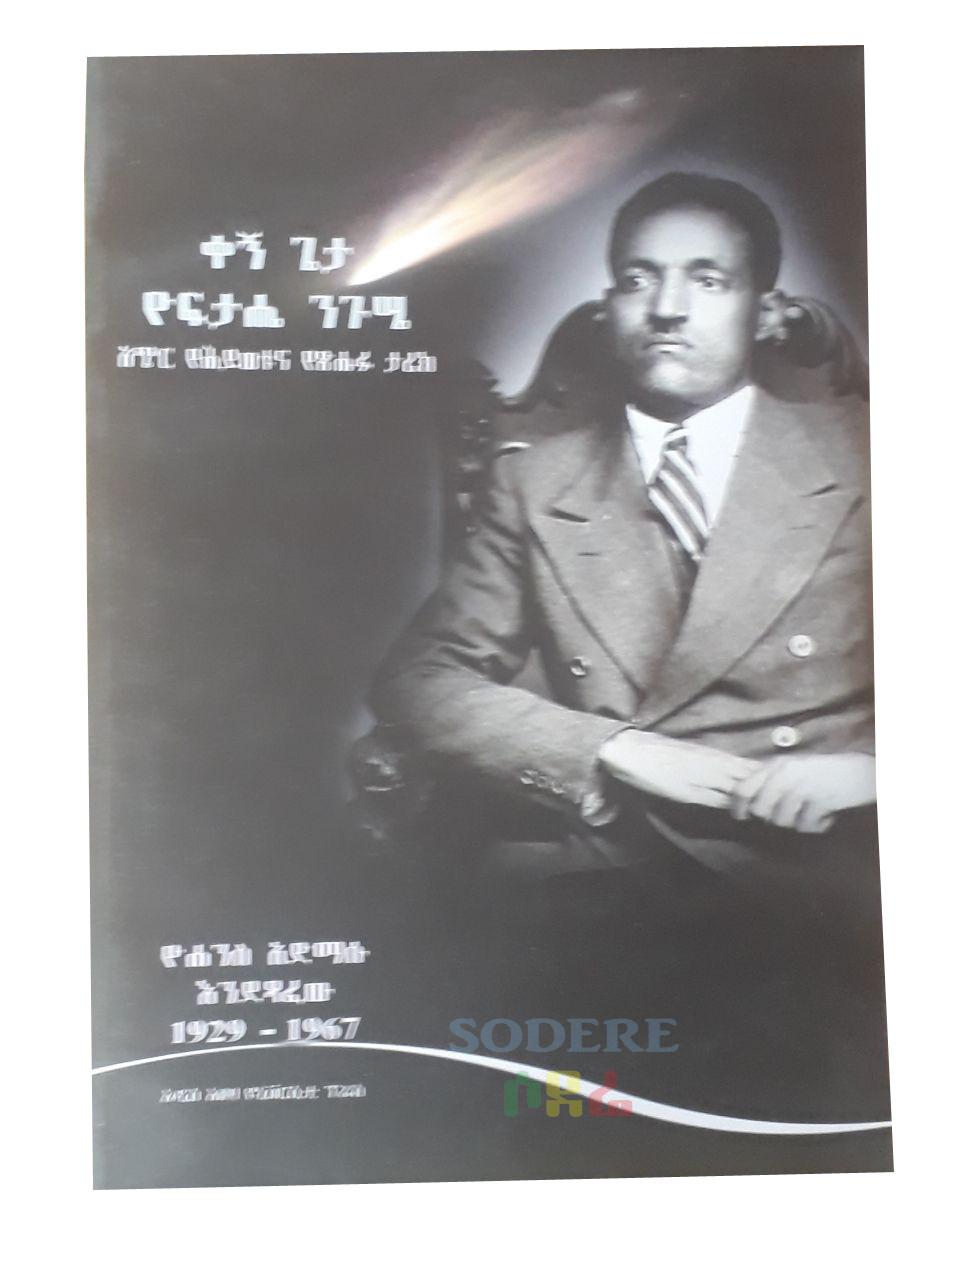 ቀኝ ጌታ  ዮፍታሄ  ንጉሴ አጭር የሂወቱ እና የጽሁፉ ታሪክ 1929-1967 The History of Right Loard Yoftahe Nigusse  1929-1967 / By Yohannis Admasu